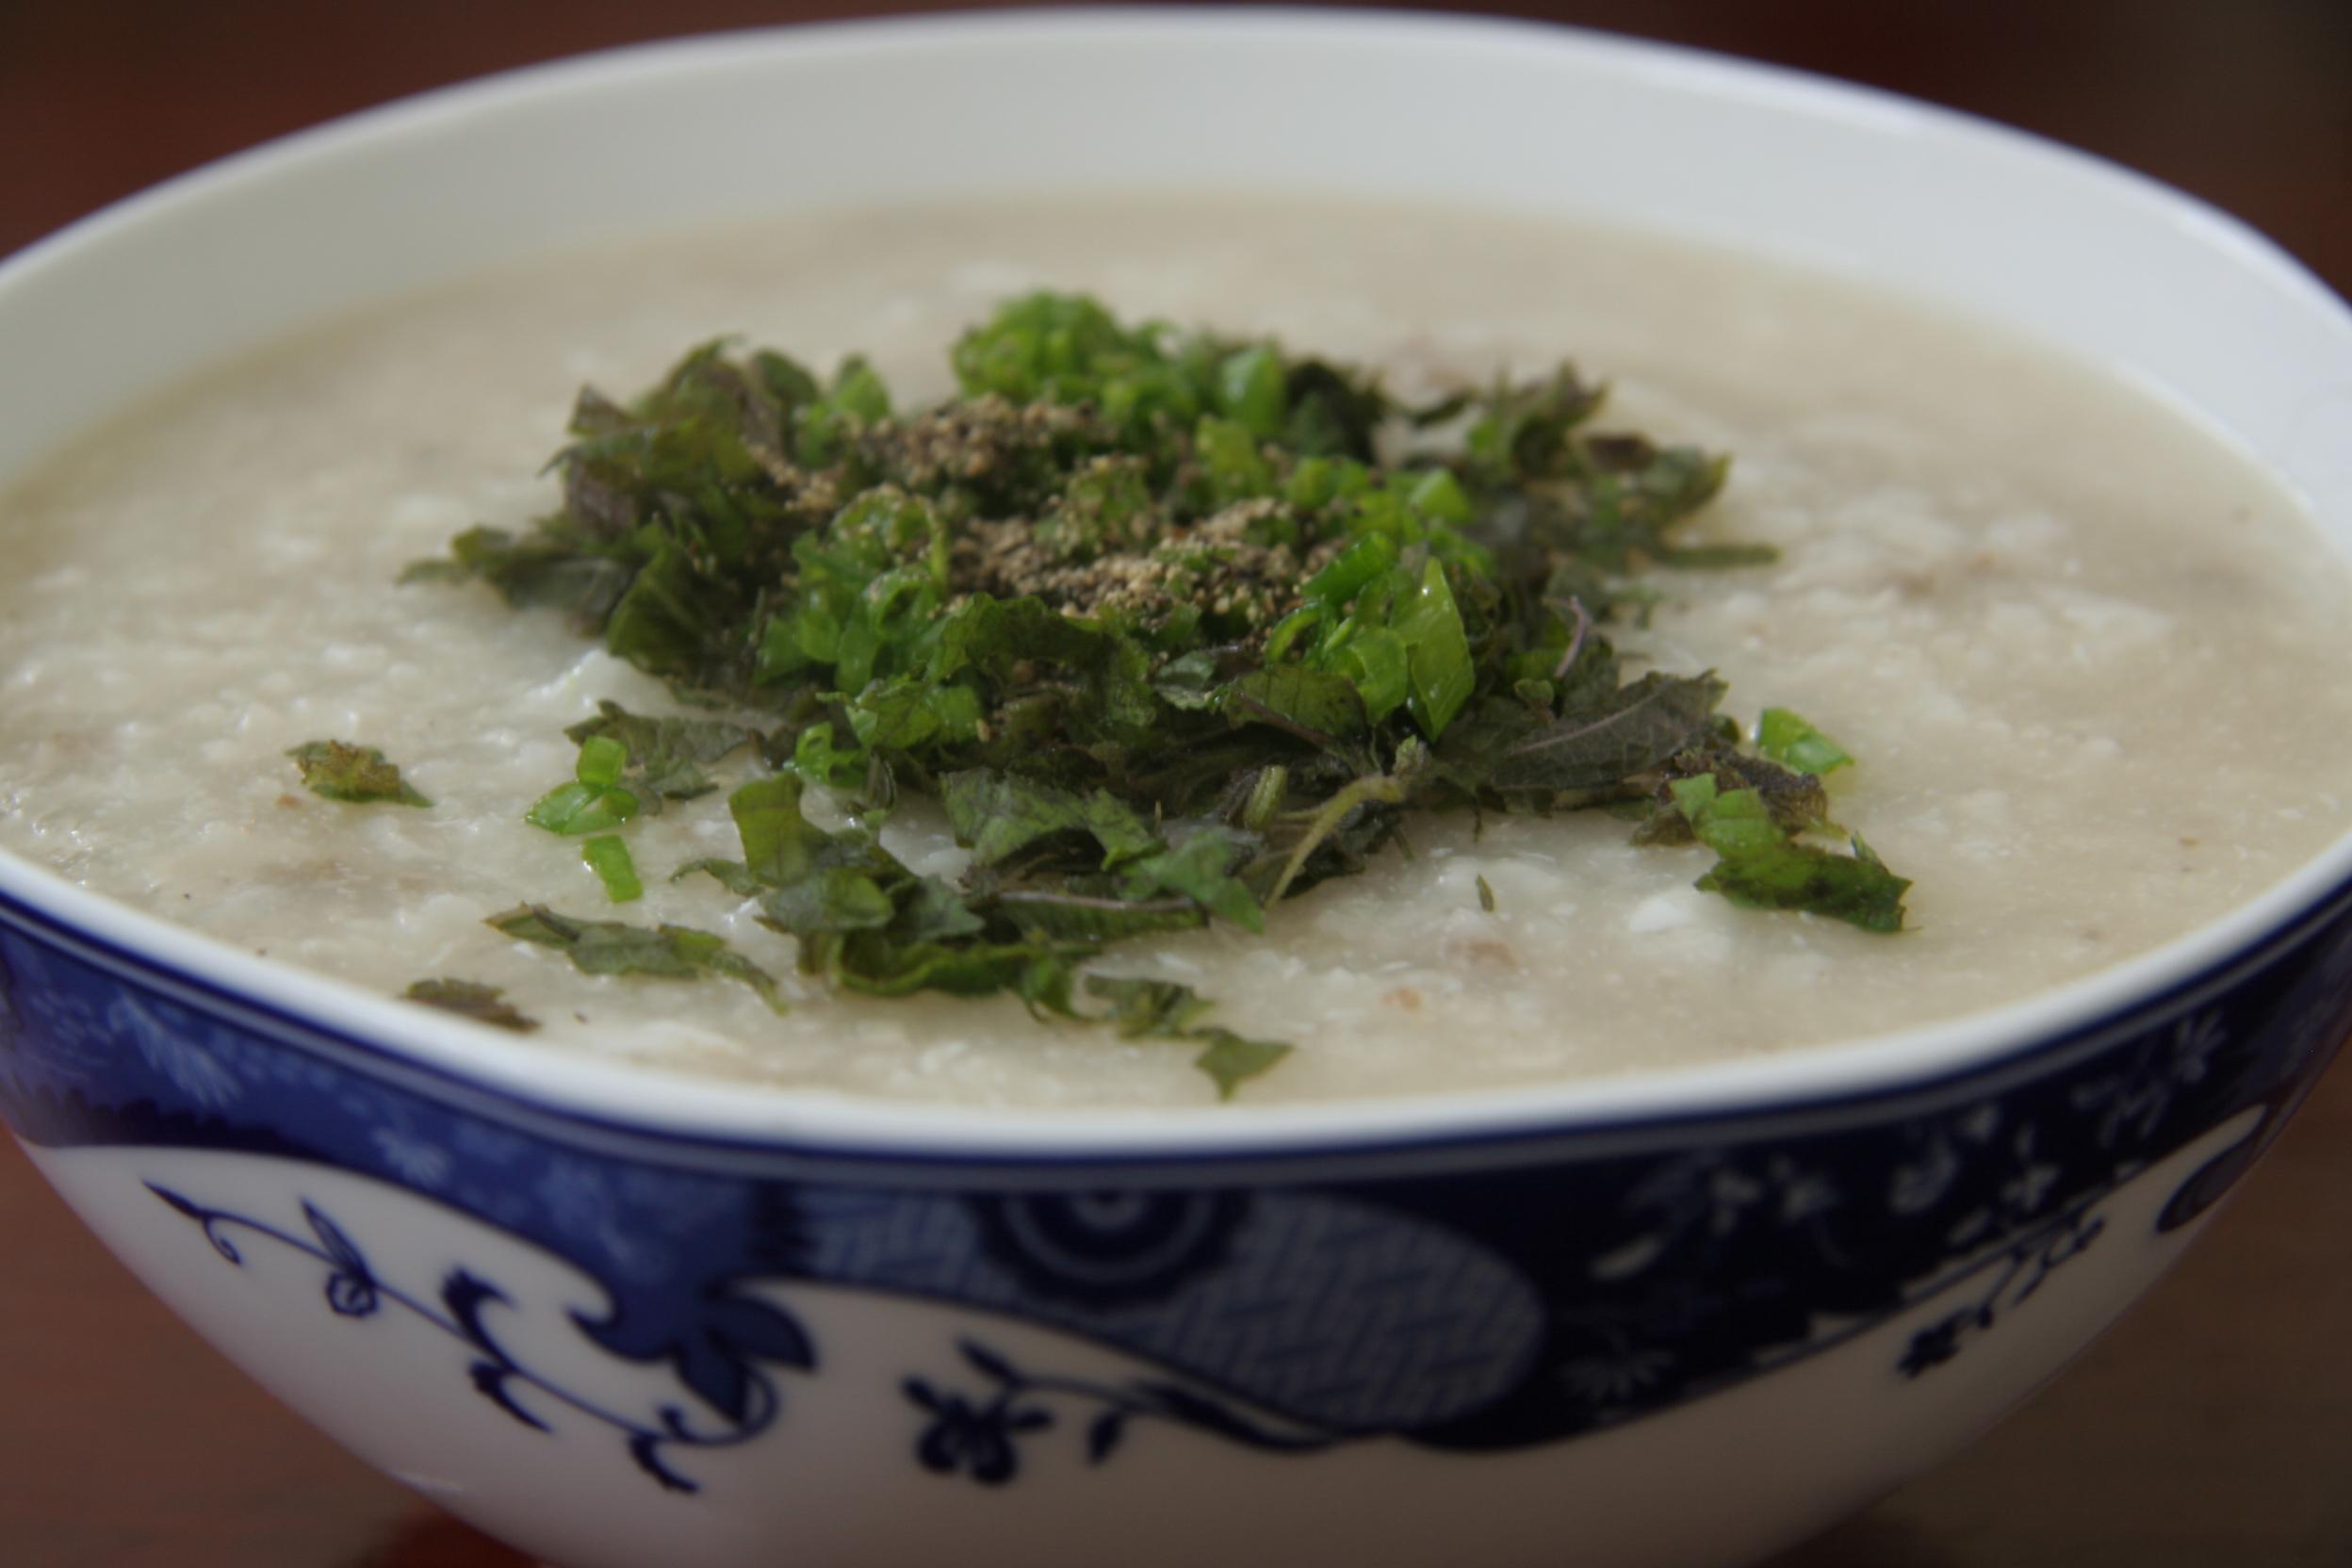 nhung-cach-chua-di-ung-hai-san-an-toan-hieu-qua3